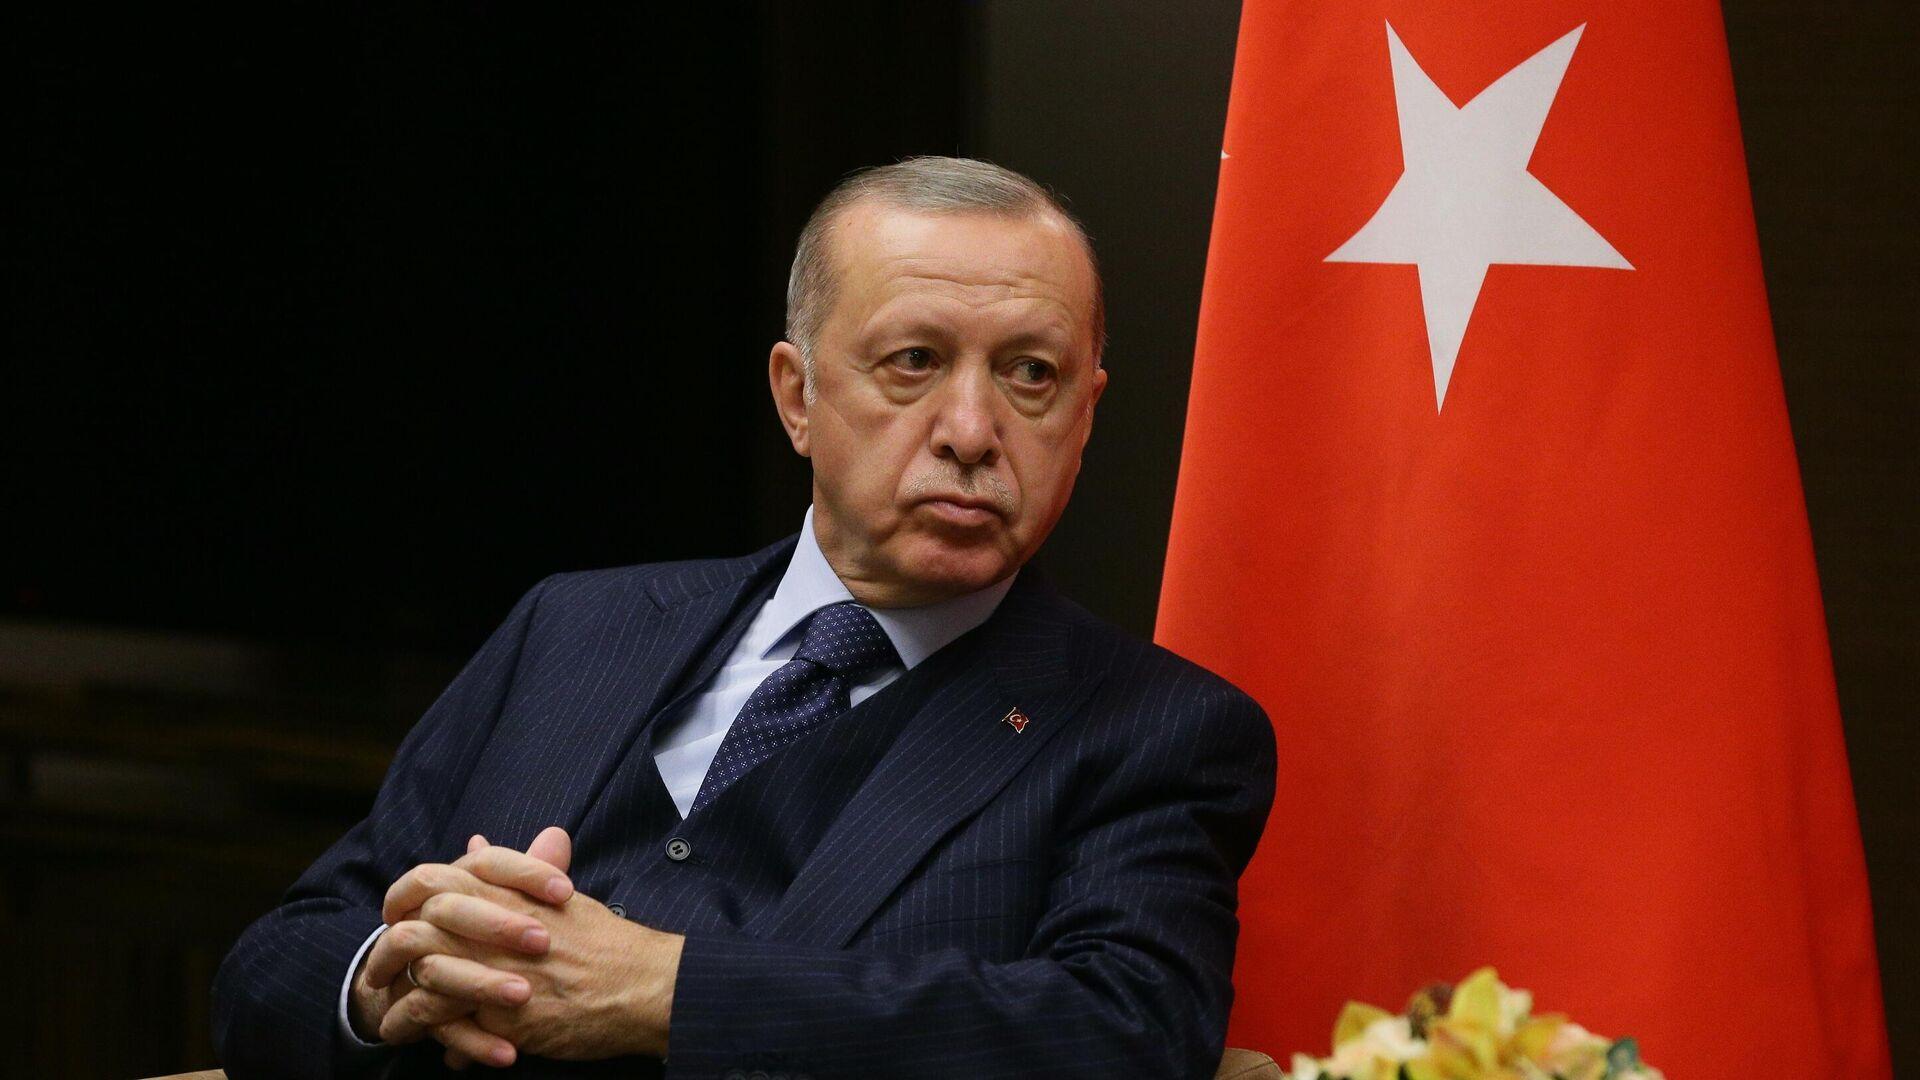 Türkiyə Prezidenti Rəcəb Tayyib Ərdoğan - Sputnik Azərbaycan, 1920, 30.09.2021